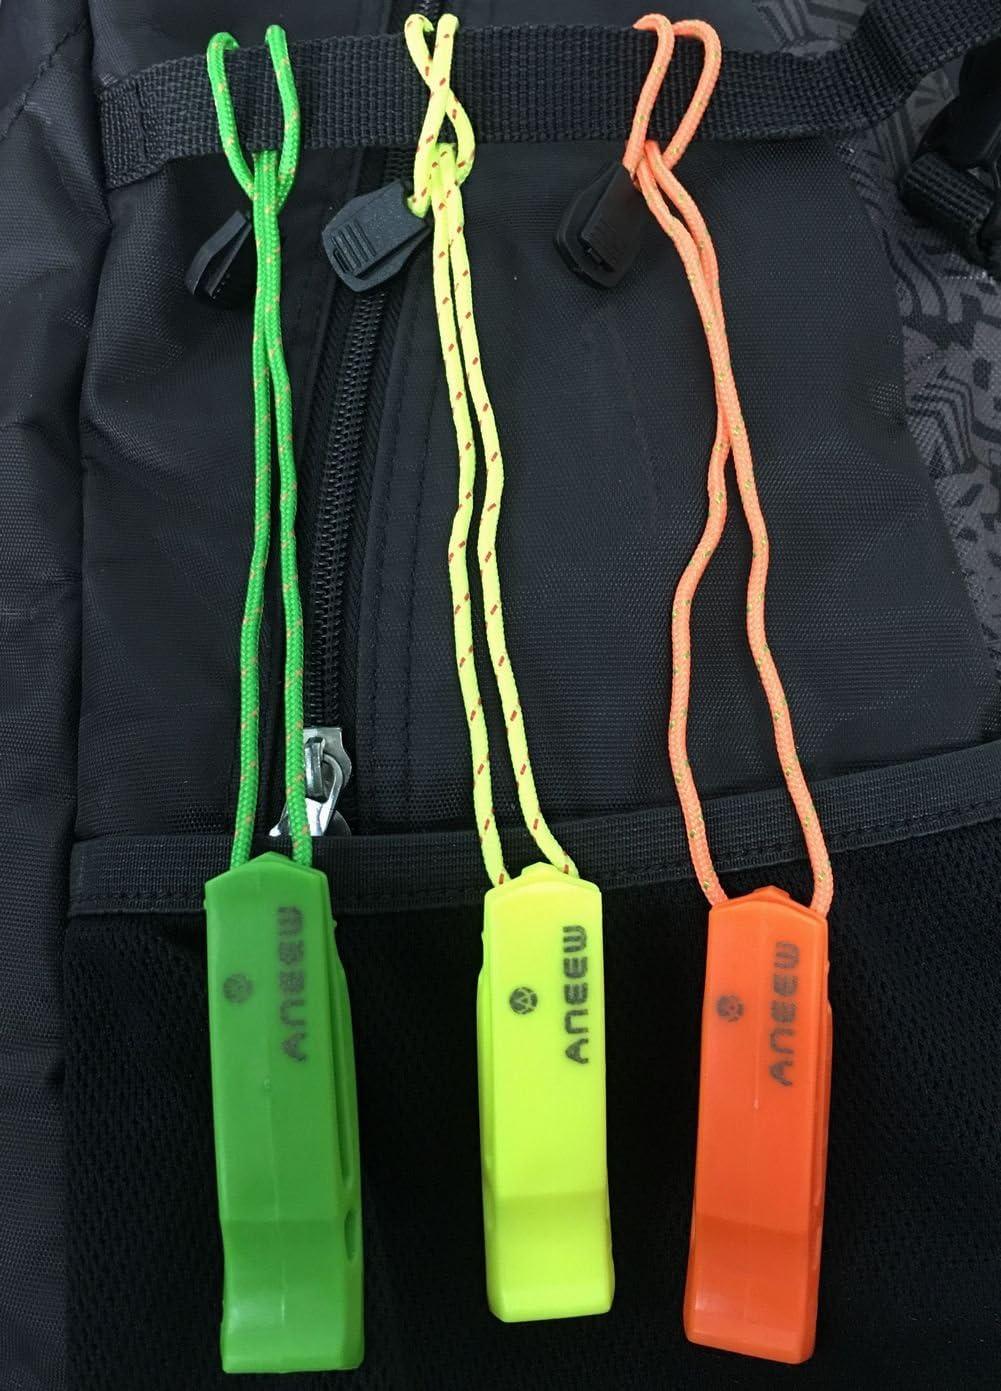 Silbato de seguridad tubo de doble alto todo tipo de clima para al aire libre senderismo camping Escalada Paseos en bote con cord/ón por aneew supervivencia de emergencia uso